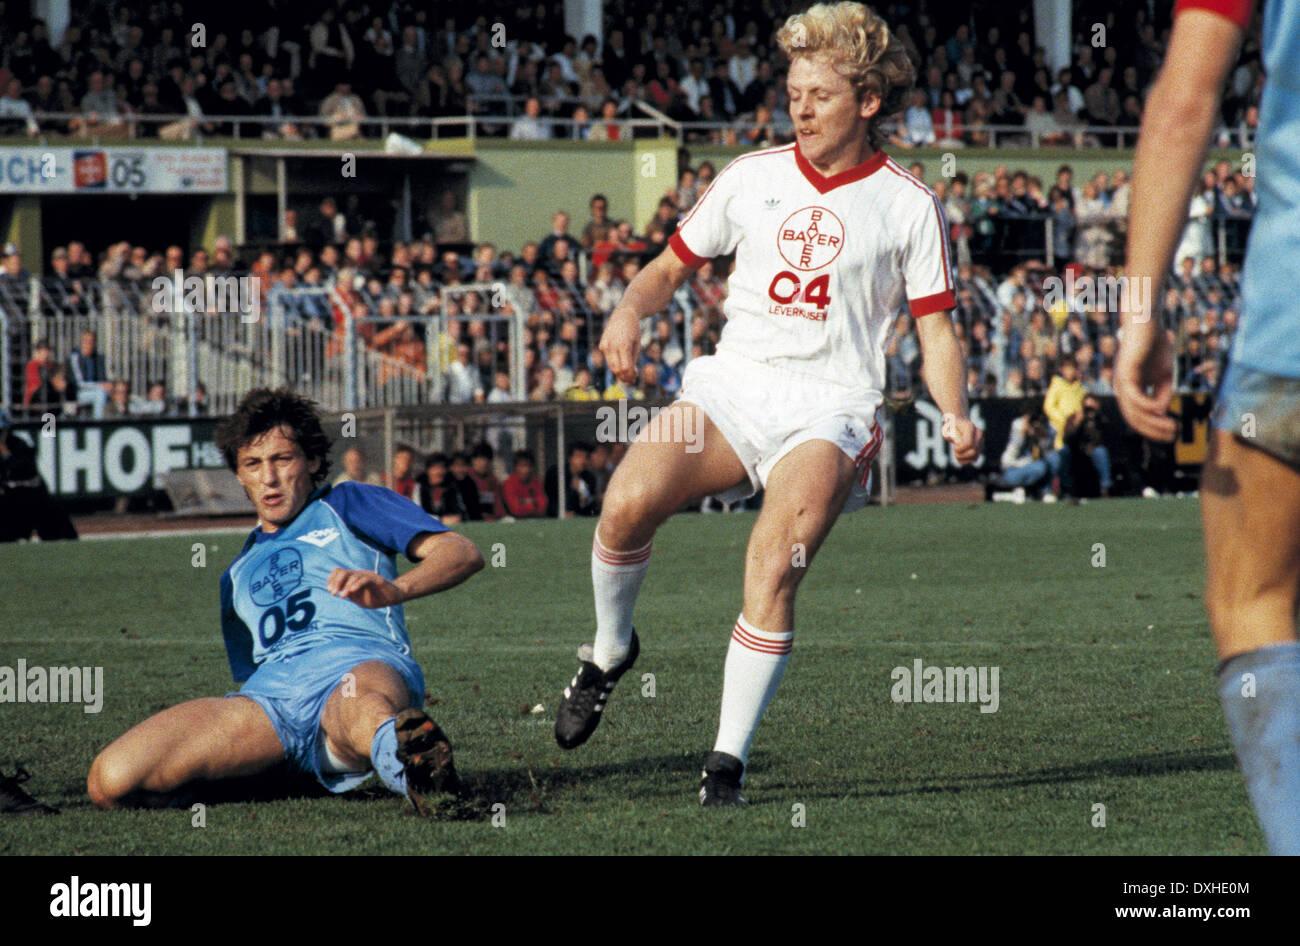 football, Bundesliga, 1983/1984, Grotenburg Stadium, FC Bayer 05 Uerdingen versus Bayer 04 Leverkusen 2:1, scene of the match, Franz Raschid (Uerdingen) left and Wolfgang Voege (Leverkusen) - Stock Image